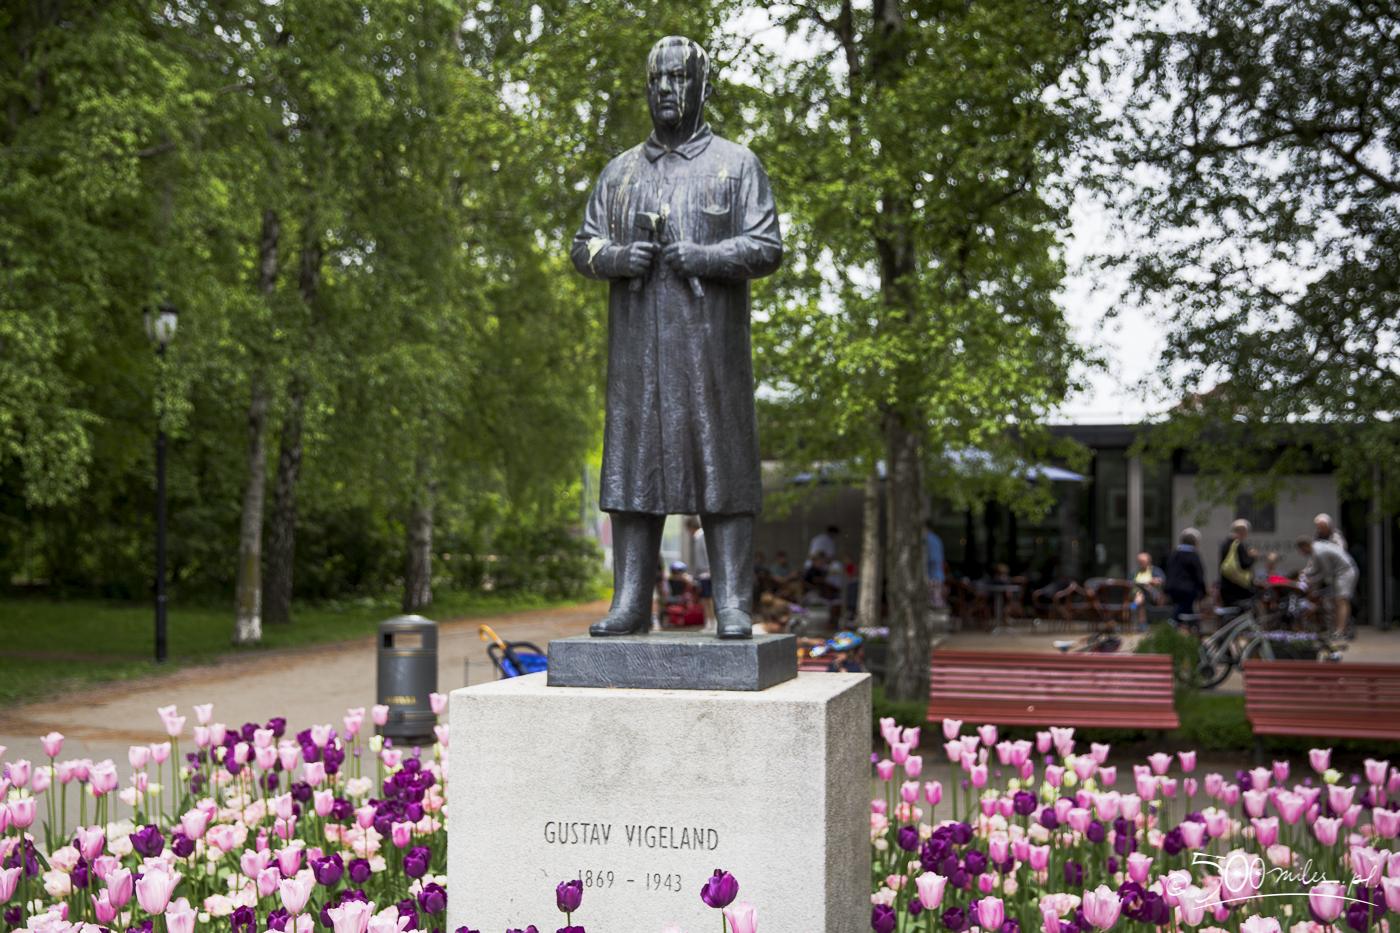 Oslo - Gustav Vigeland